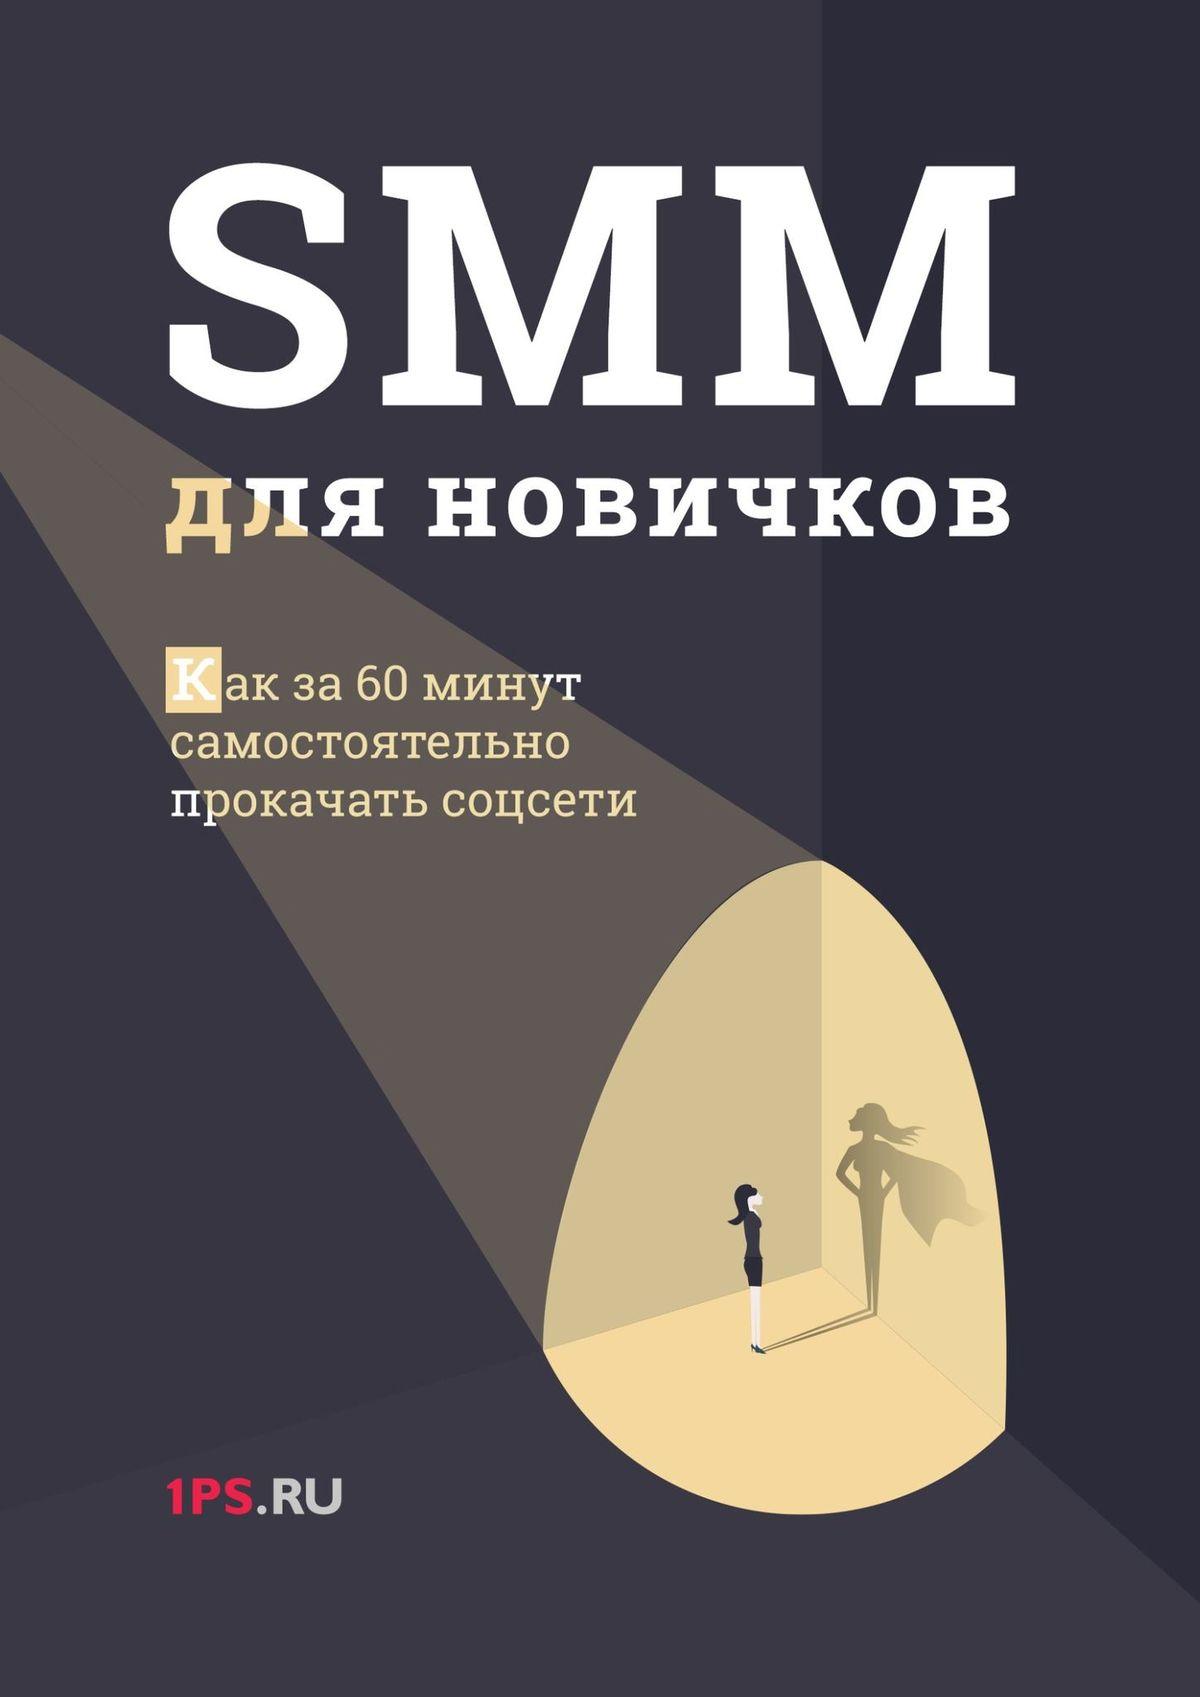 1ps.ru SMM для новичков